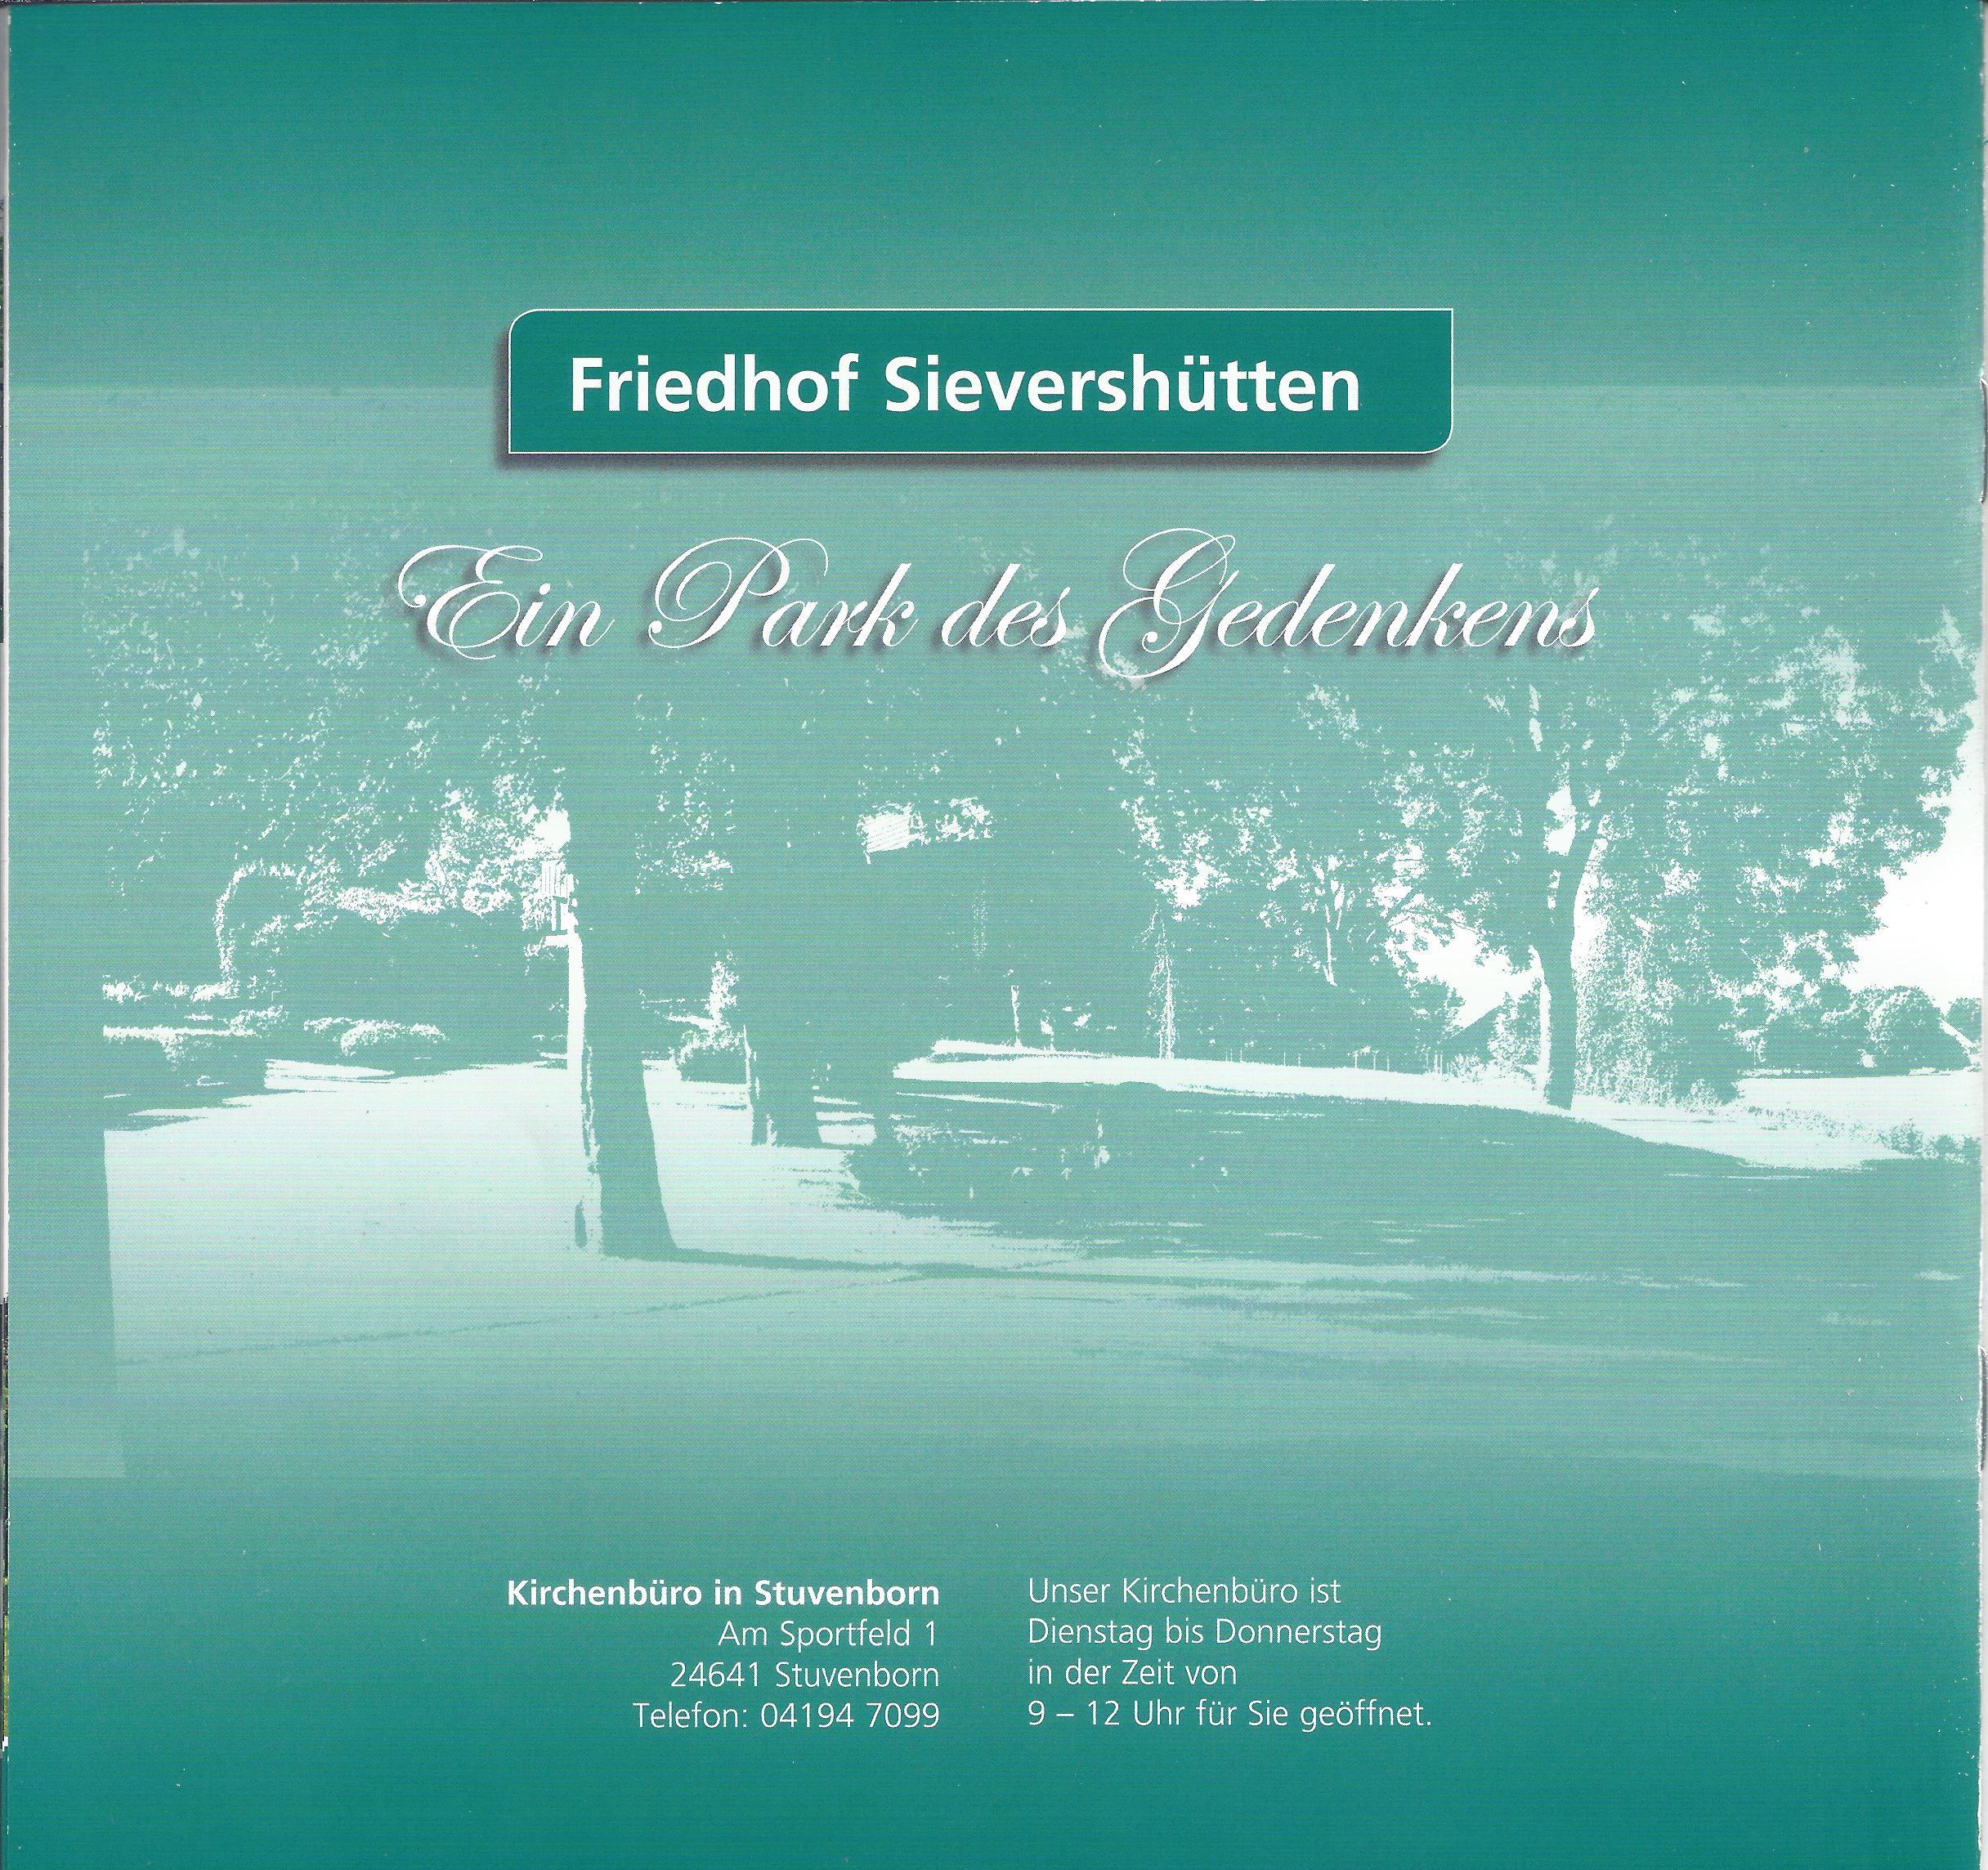 Friedhof-Sievershütten-16